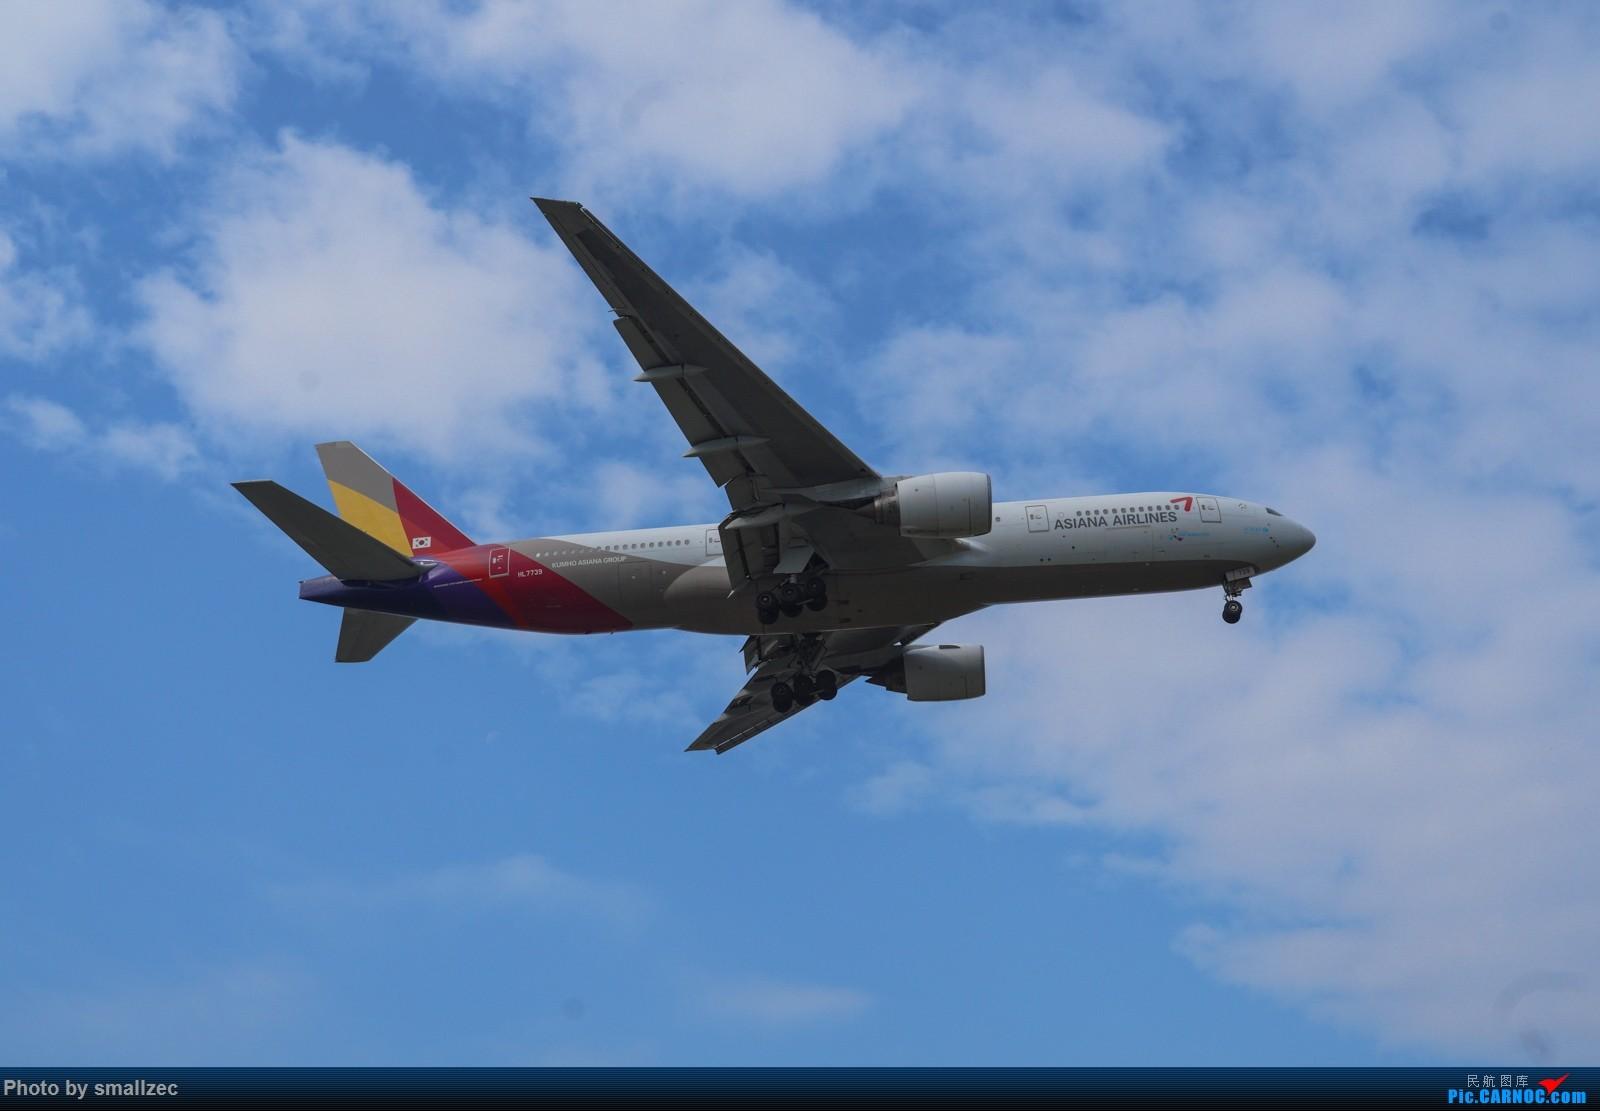 [原创]难得休假,CAN一顿乱拍,顺带试试新镜头 BOEING 777-200ER HL7739 广州白云国际机场